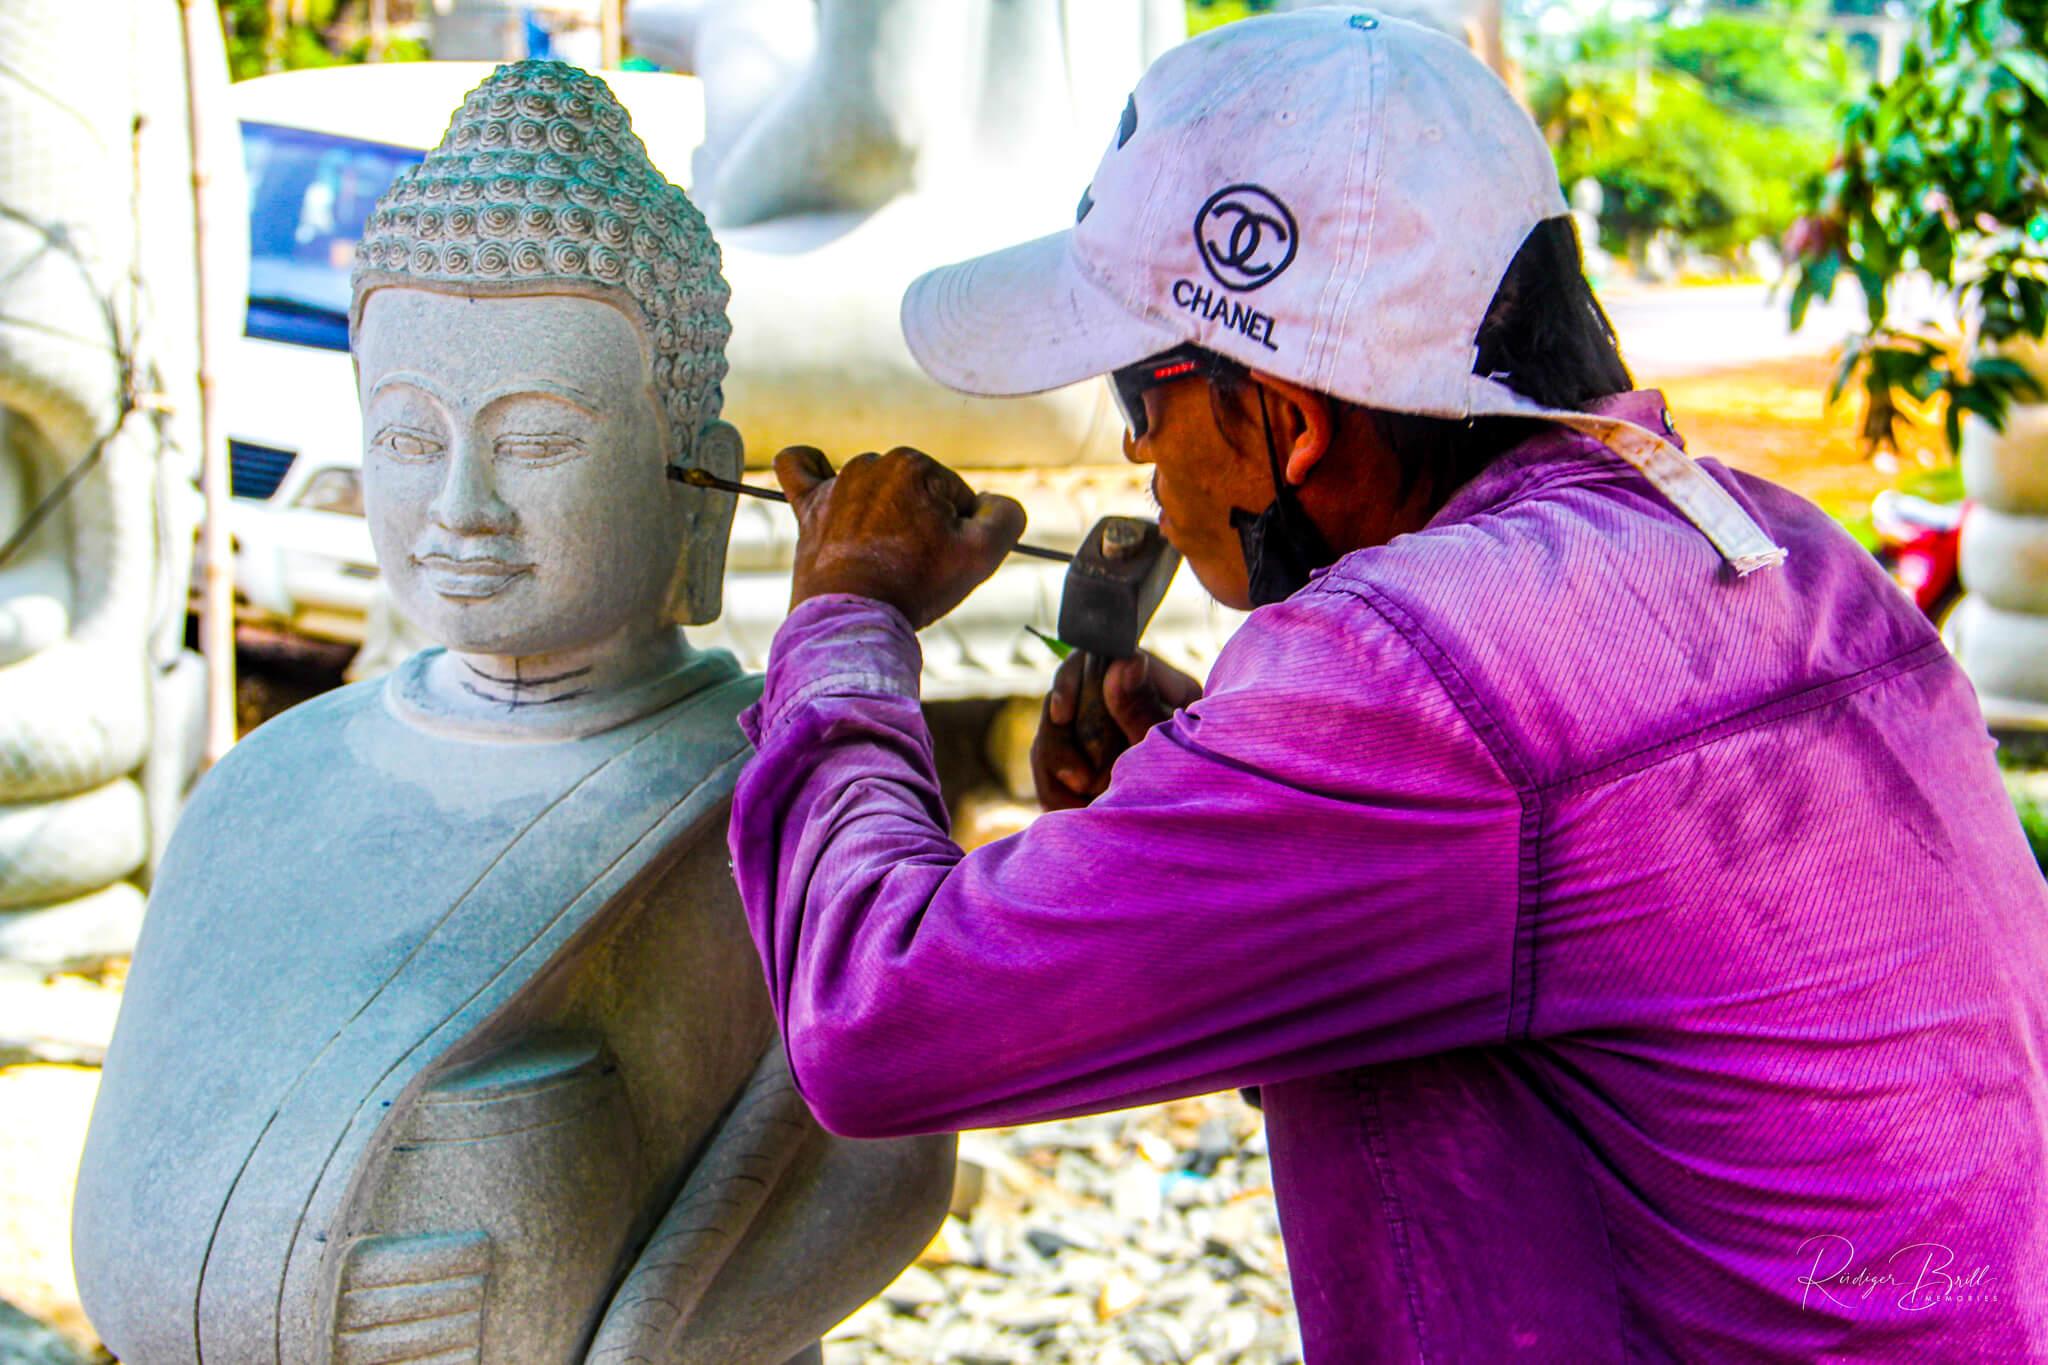 Ein Bildhauer in Kambodscha meißelt das Gesicht einer Buddha-Figur